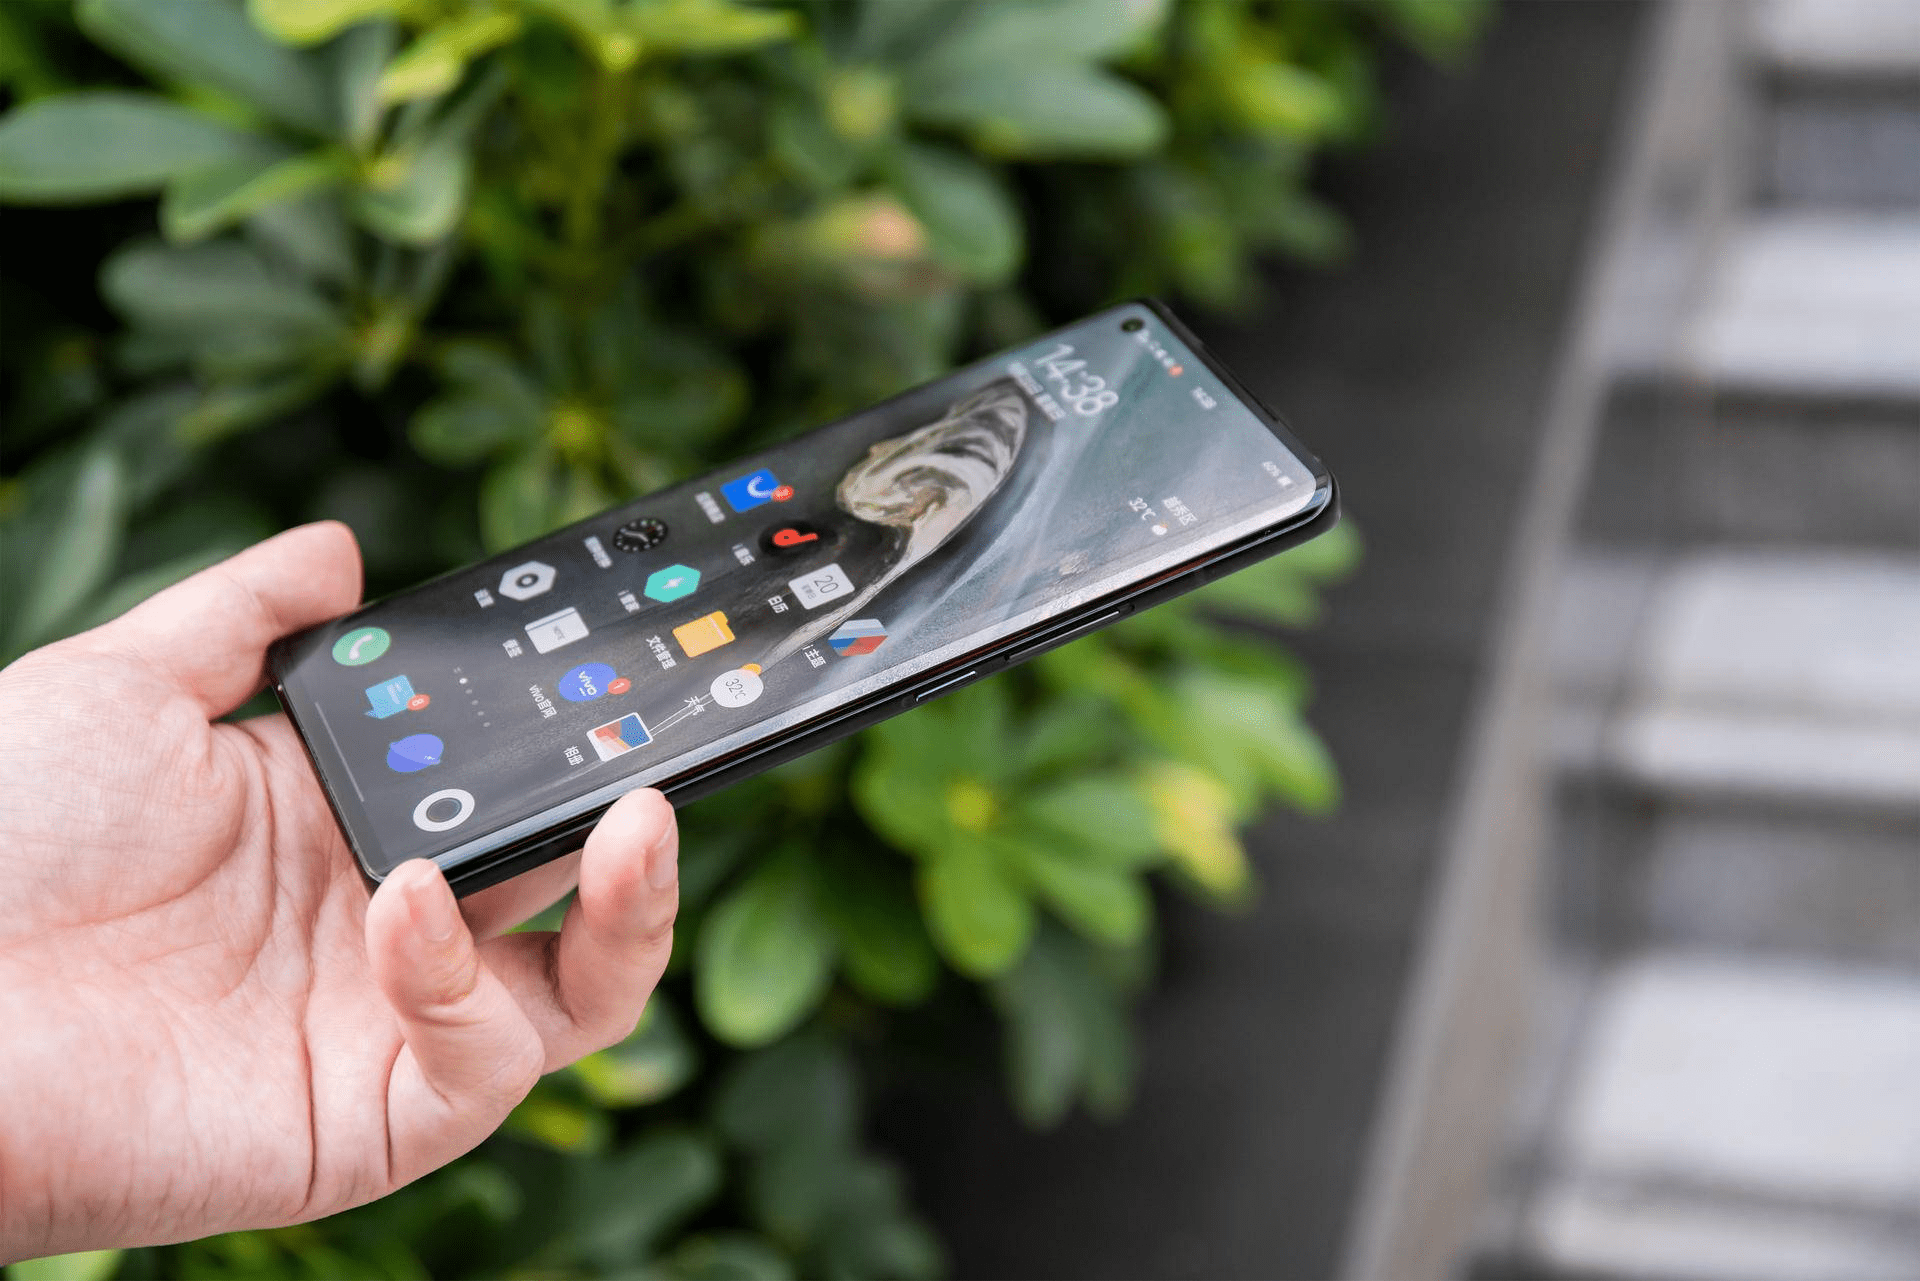 旗舰手机就该有旗舰手机的样子,iQOO 5 Pro惊喜不断